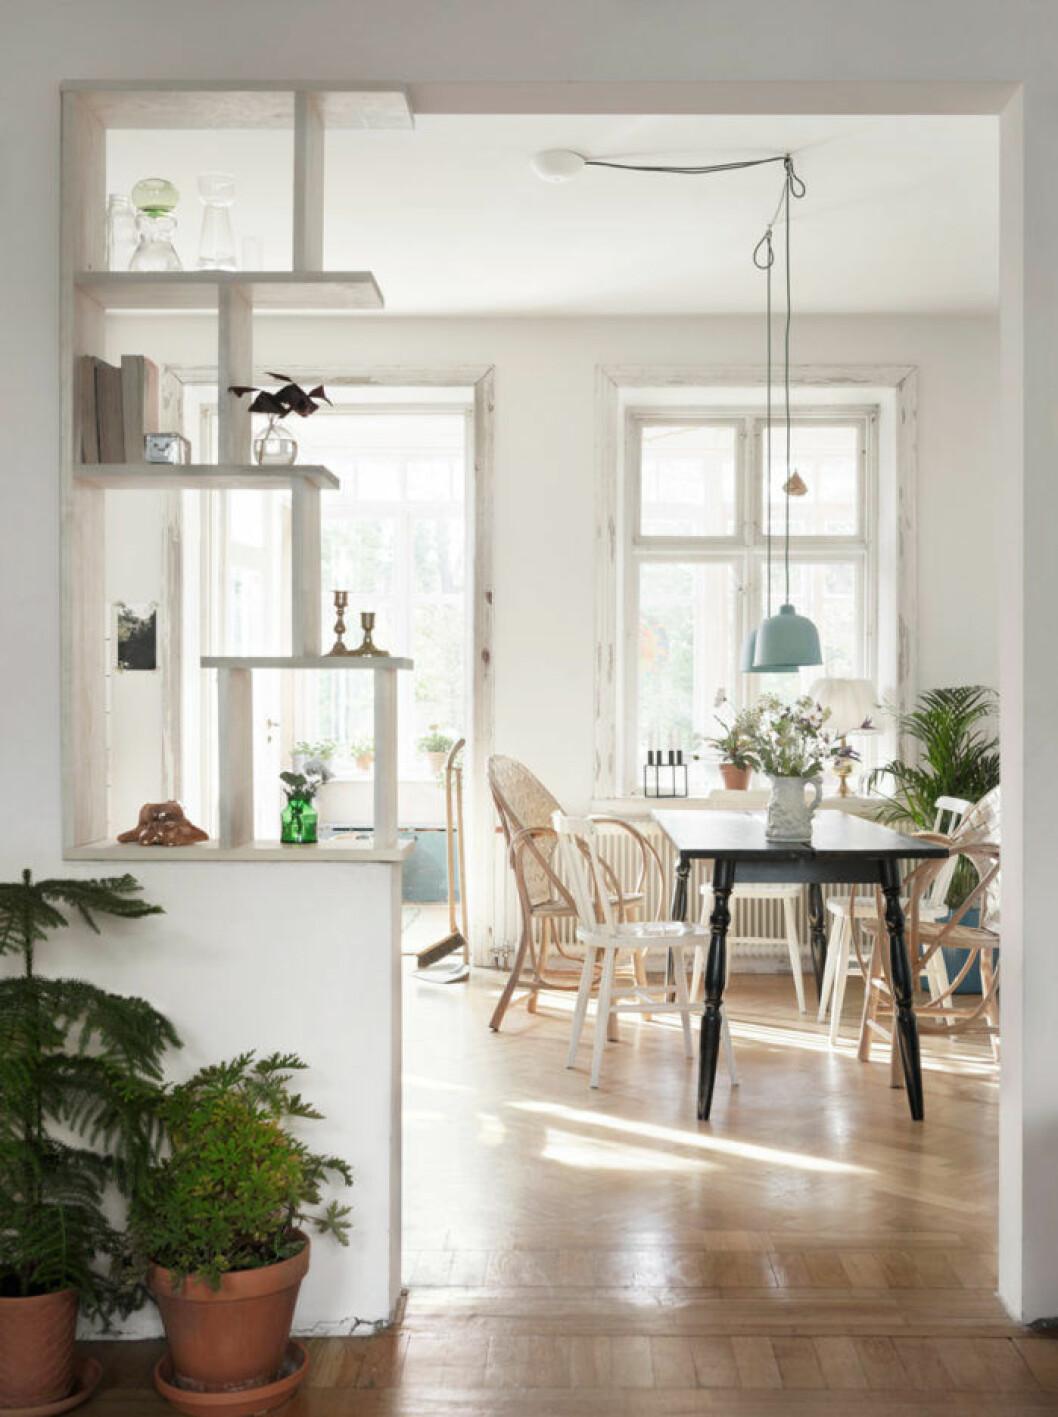 Matplats med svart matbord och stolar i vitt och trä